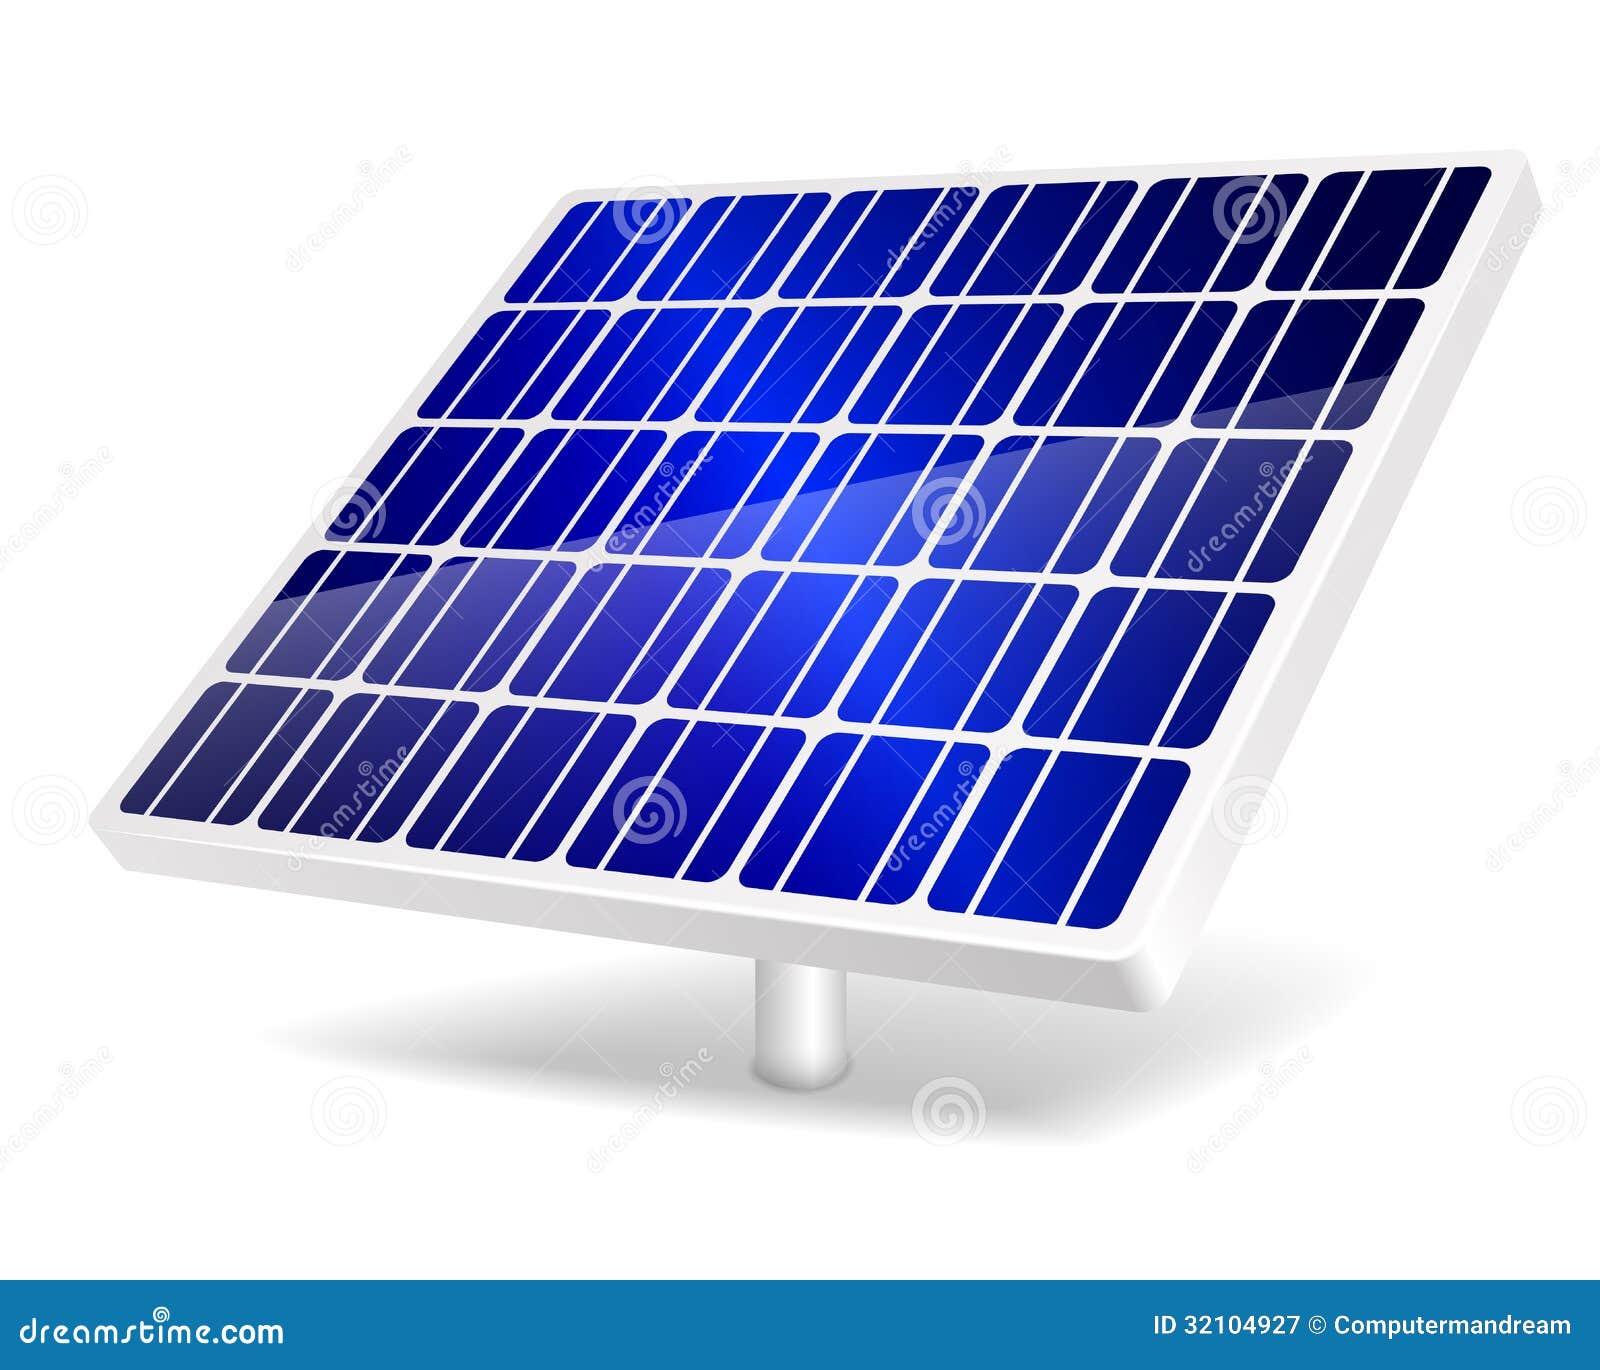 Pannello Solare A Rate : Icona del pannello solare illustrazione vettoriale